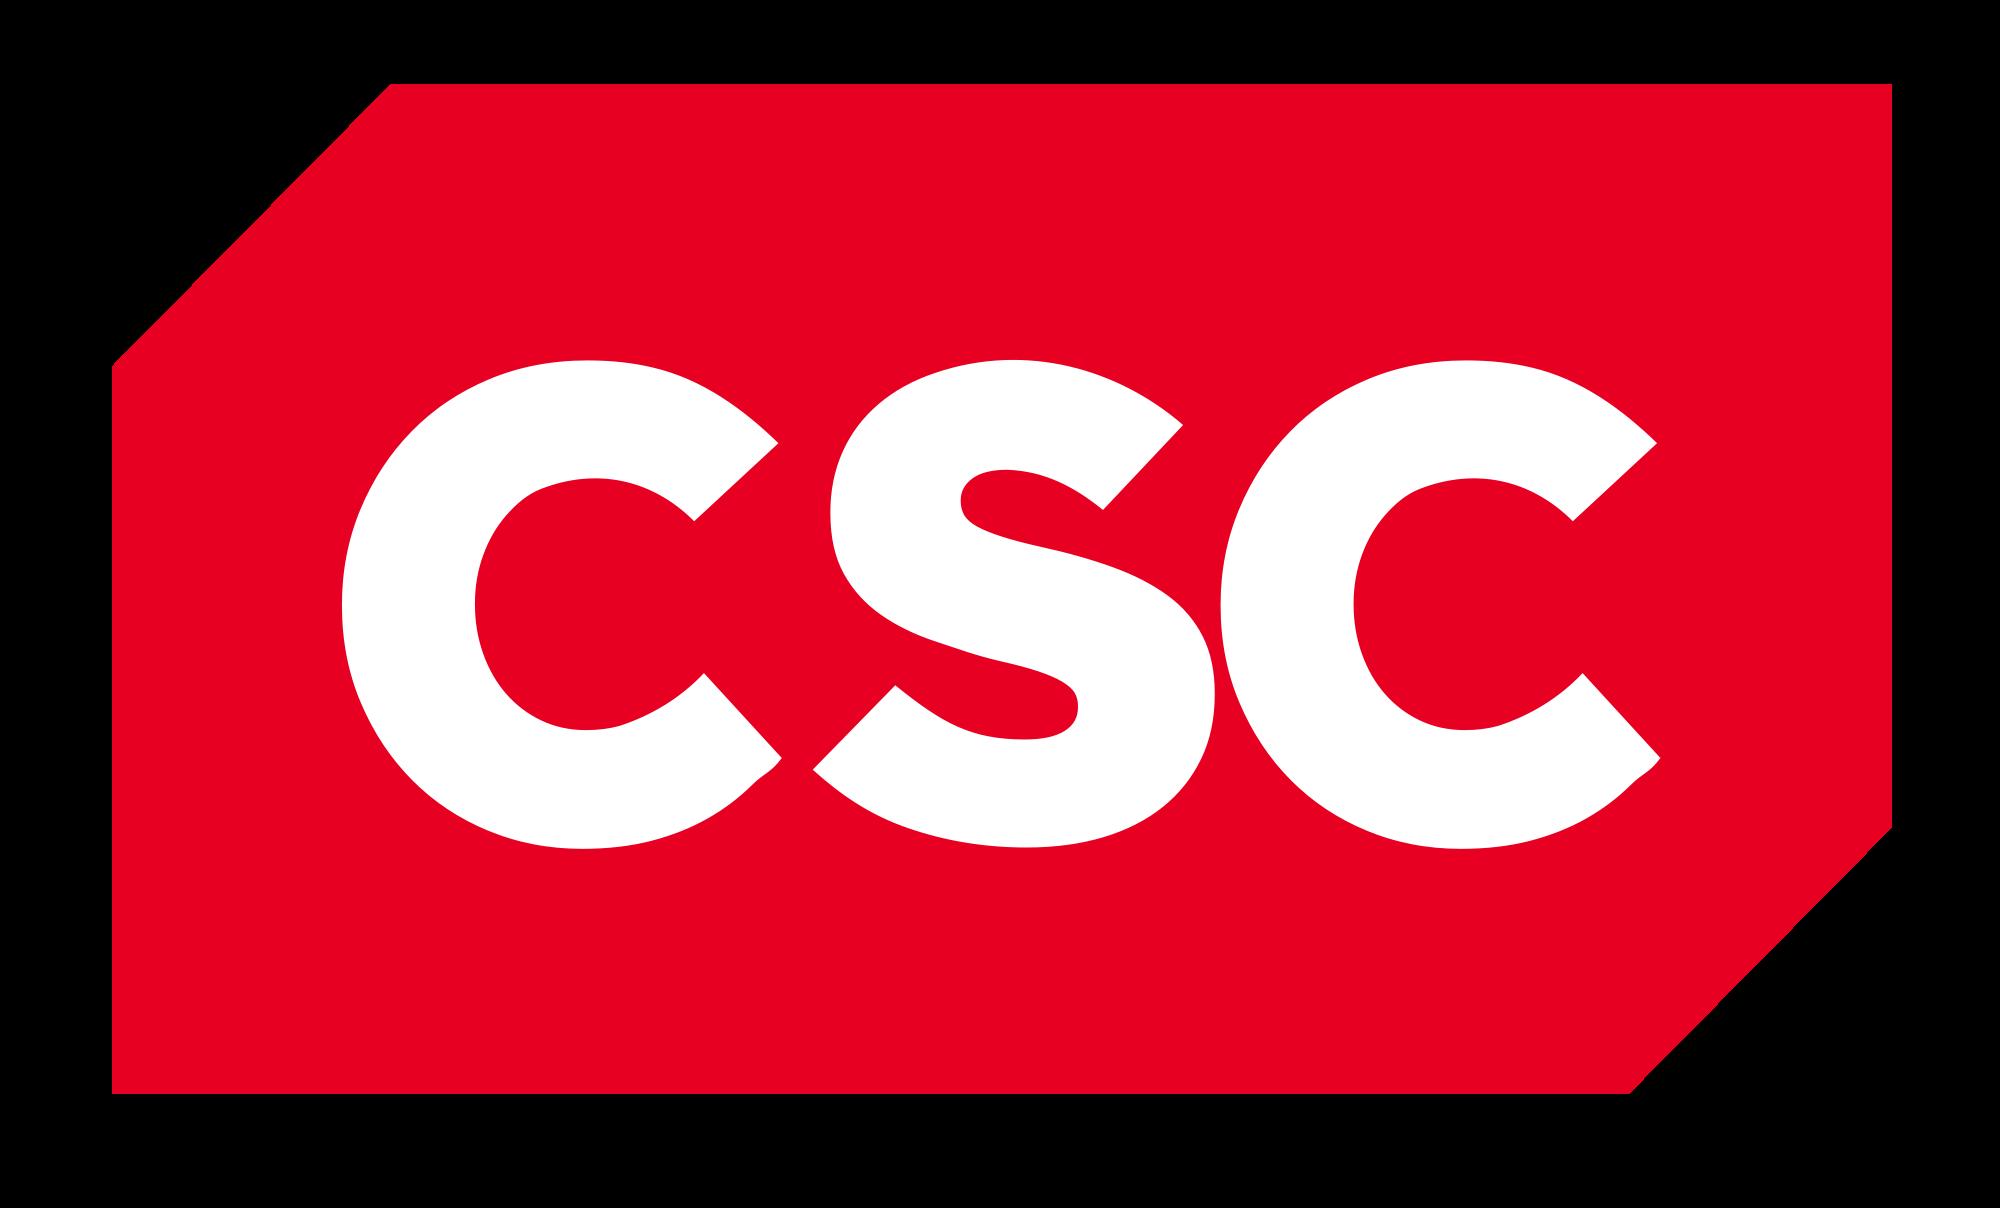 CSC India Image